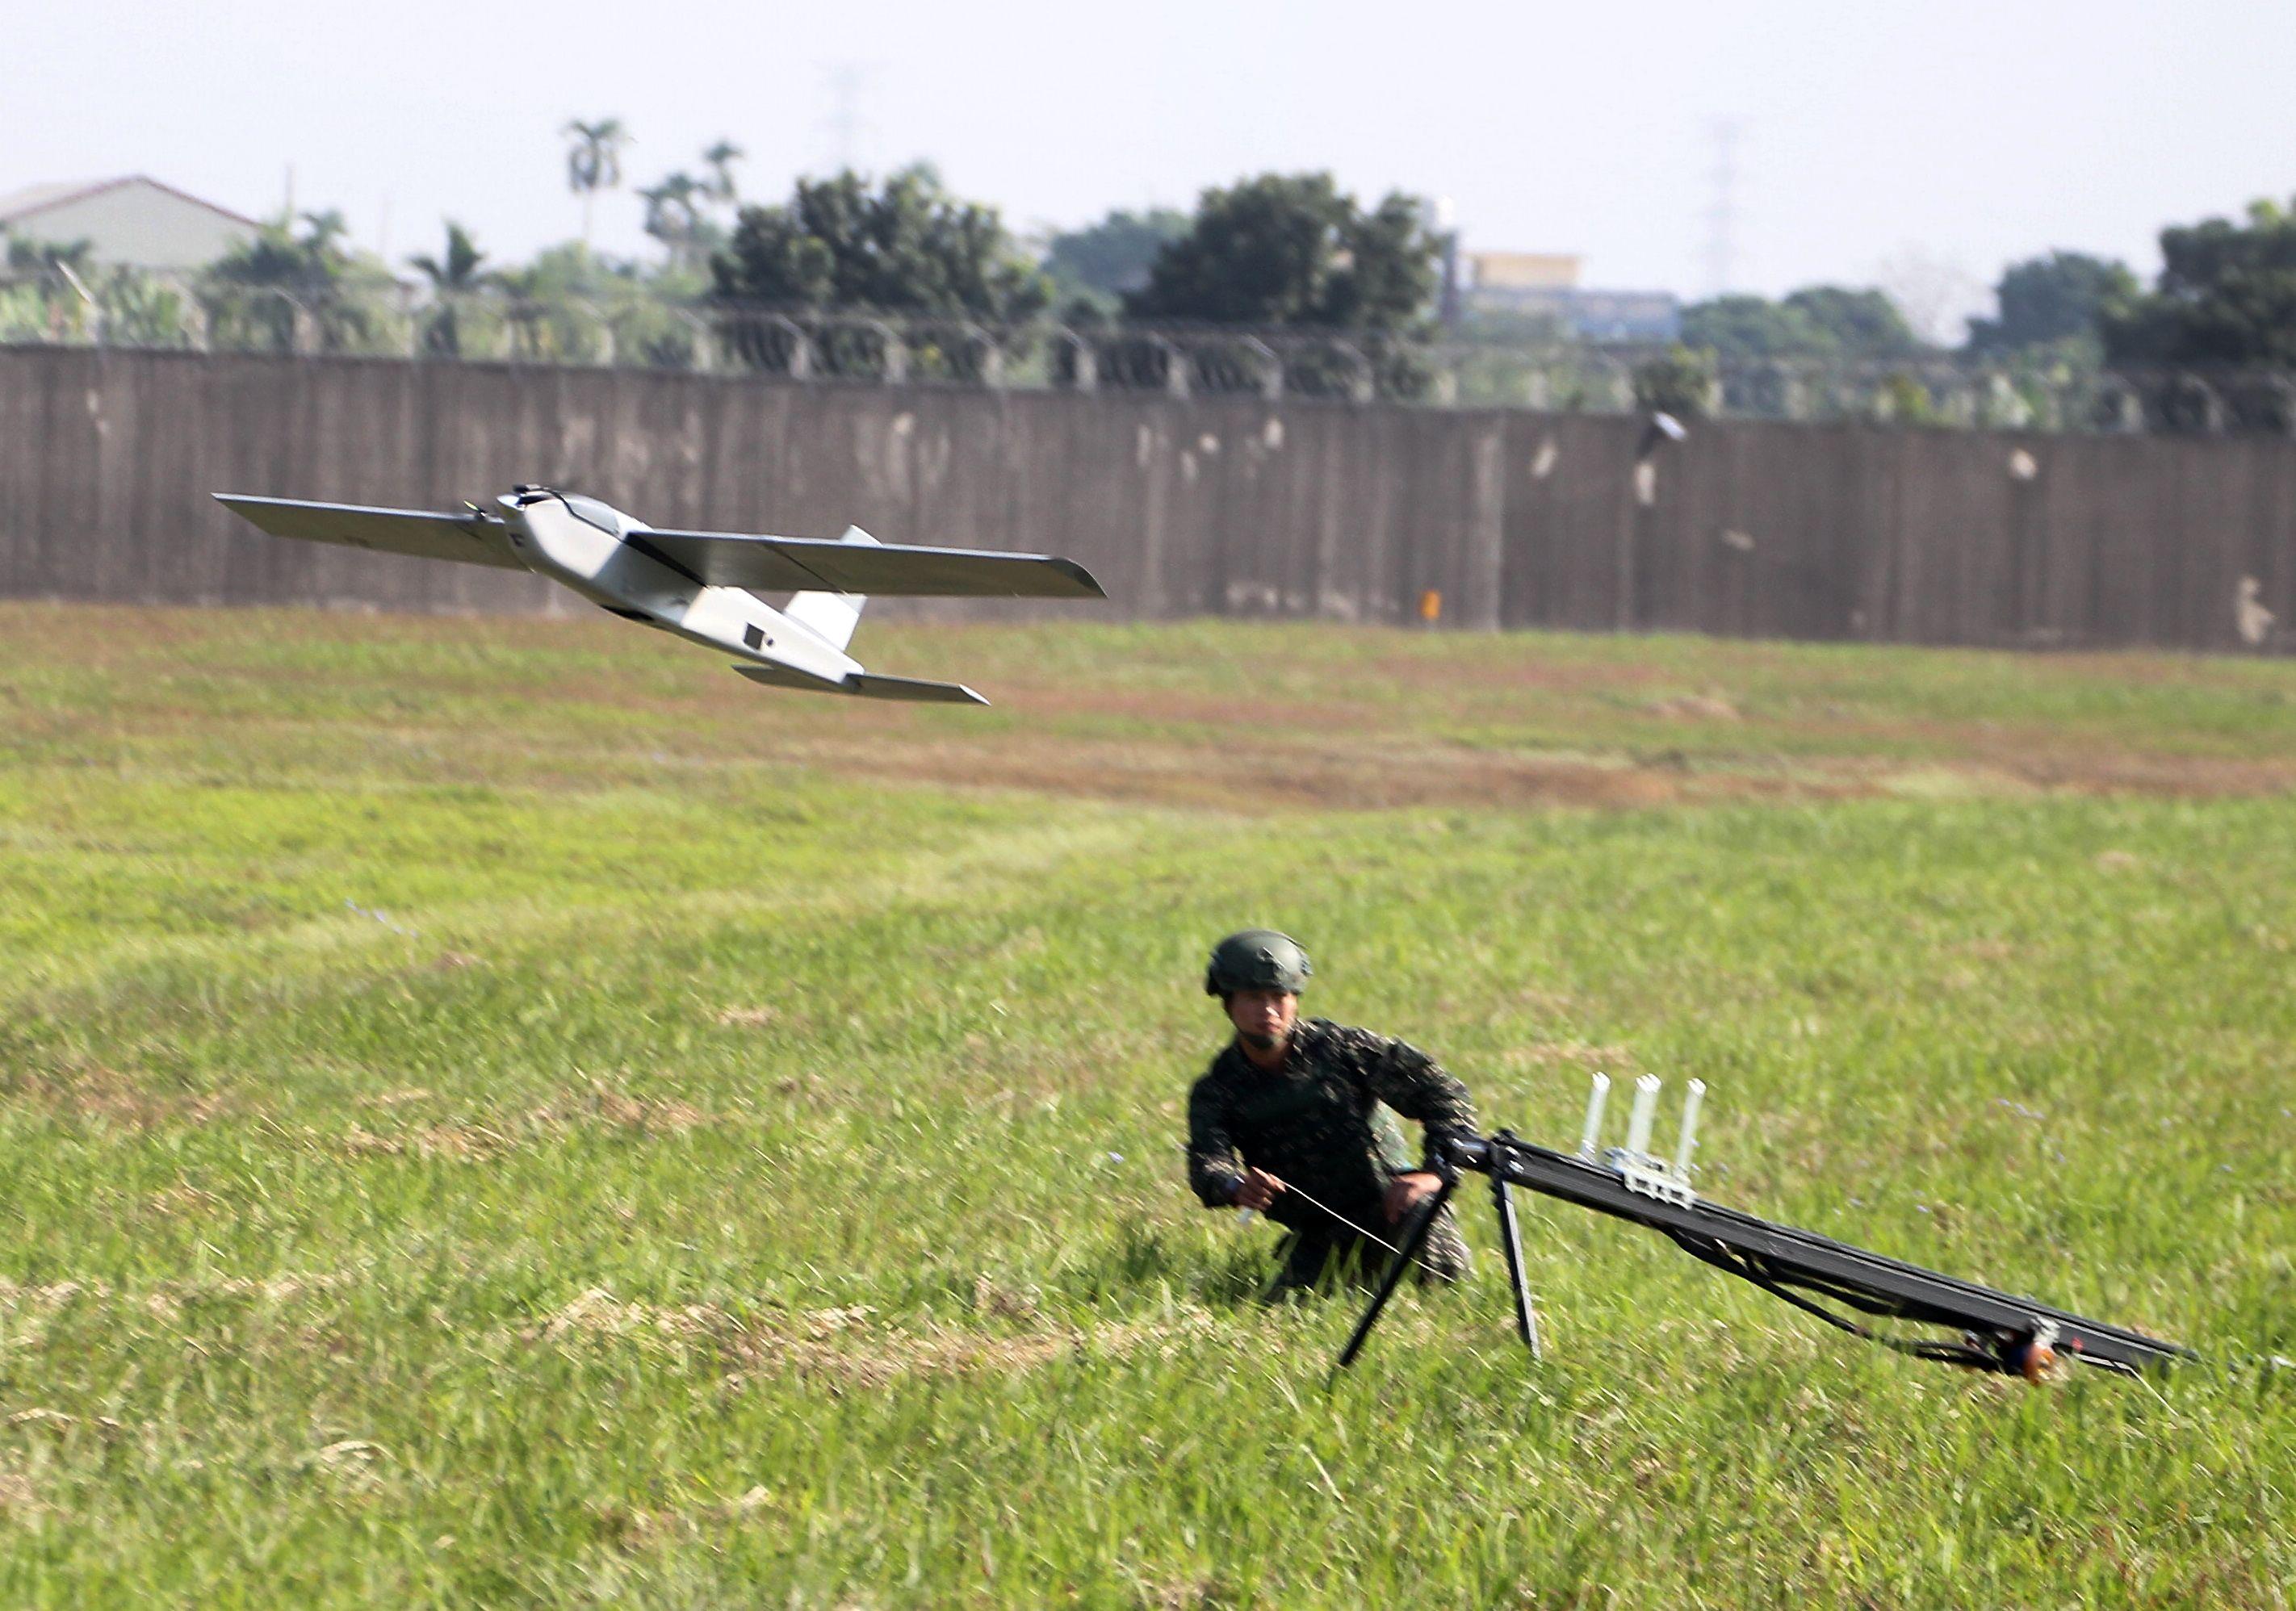 海軍陸戰隊員操作的紅雀二型無人機,是跟隨部隊移動,由彈射器彈射升空,單人操縱作業,直接將影像傳回地面。(記者邱榮吉/屏東拍攝)